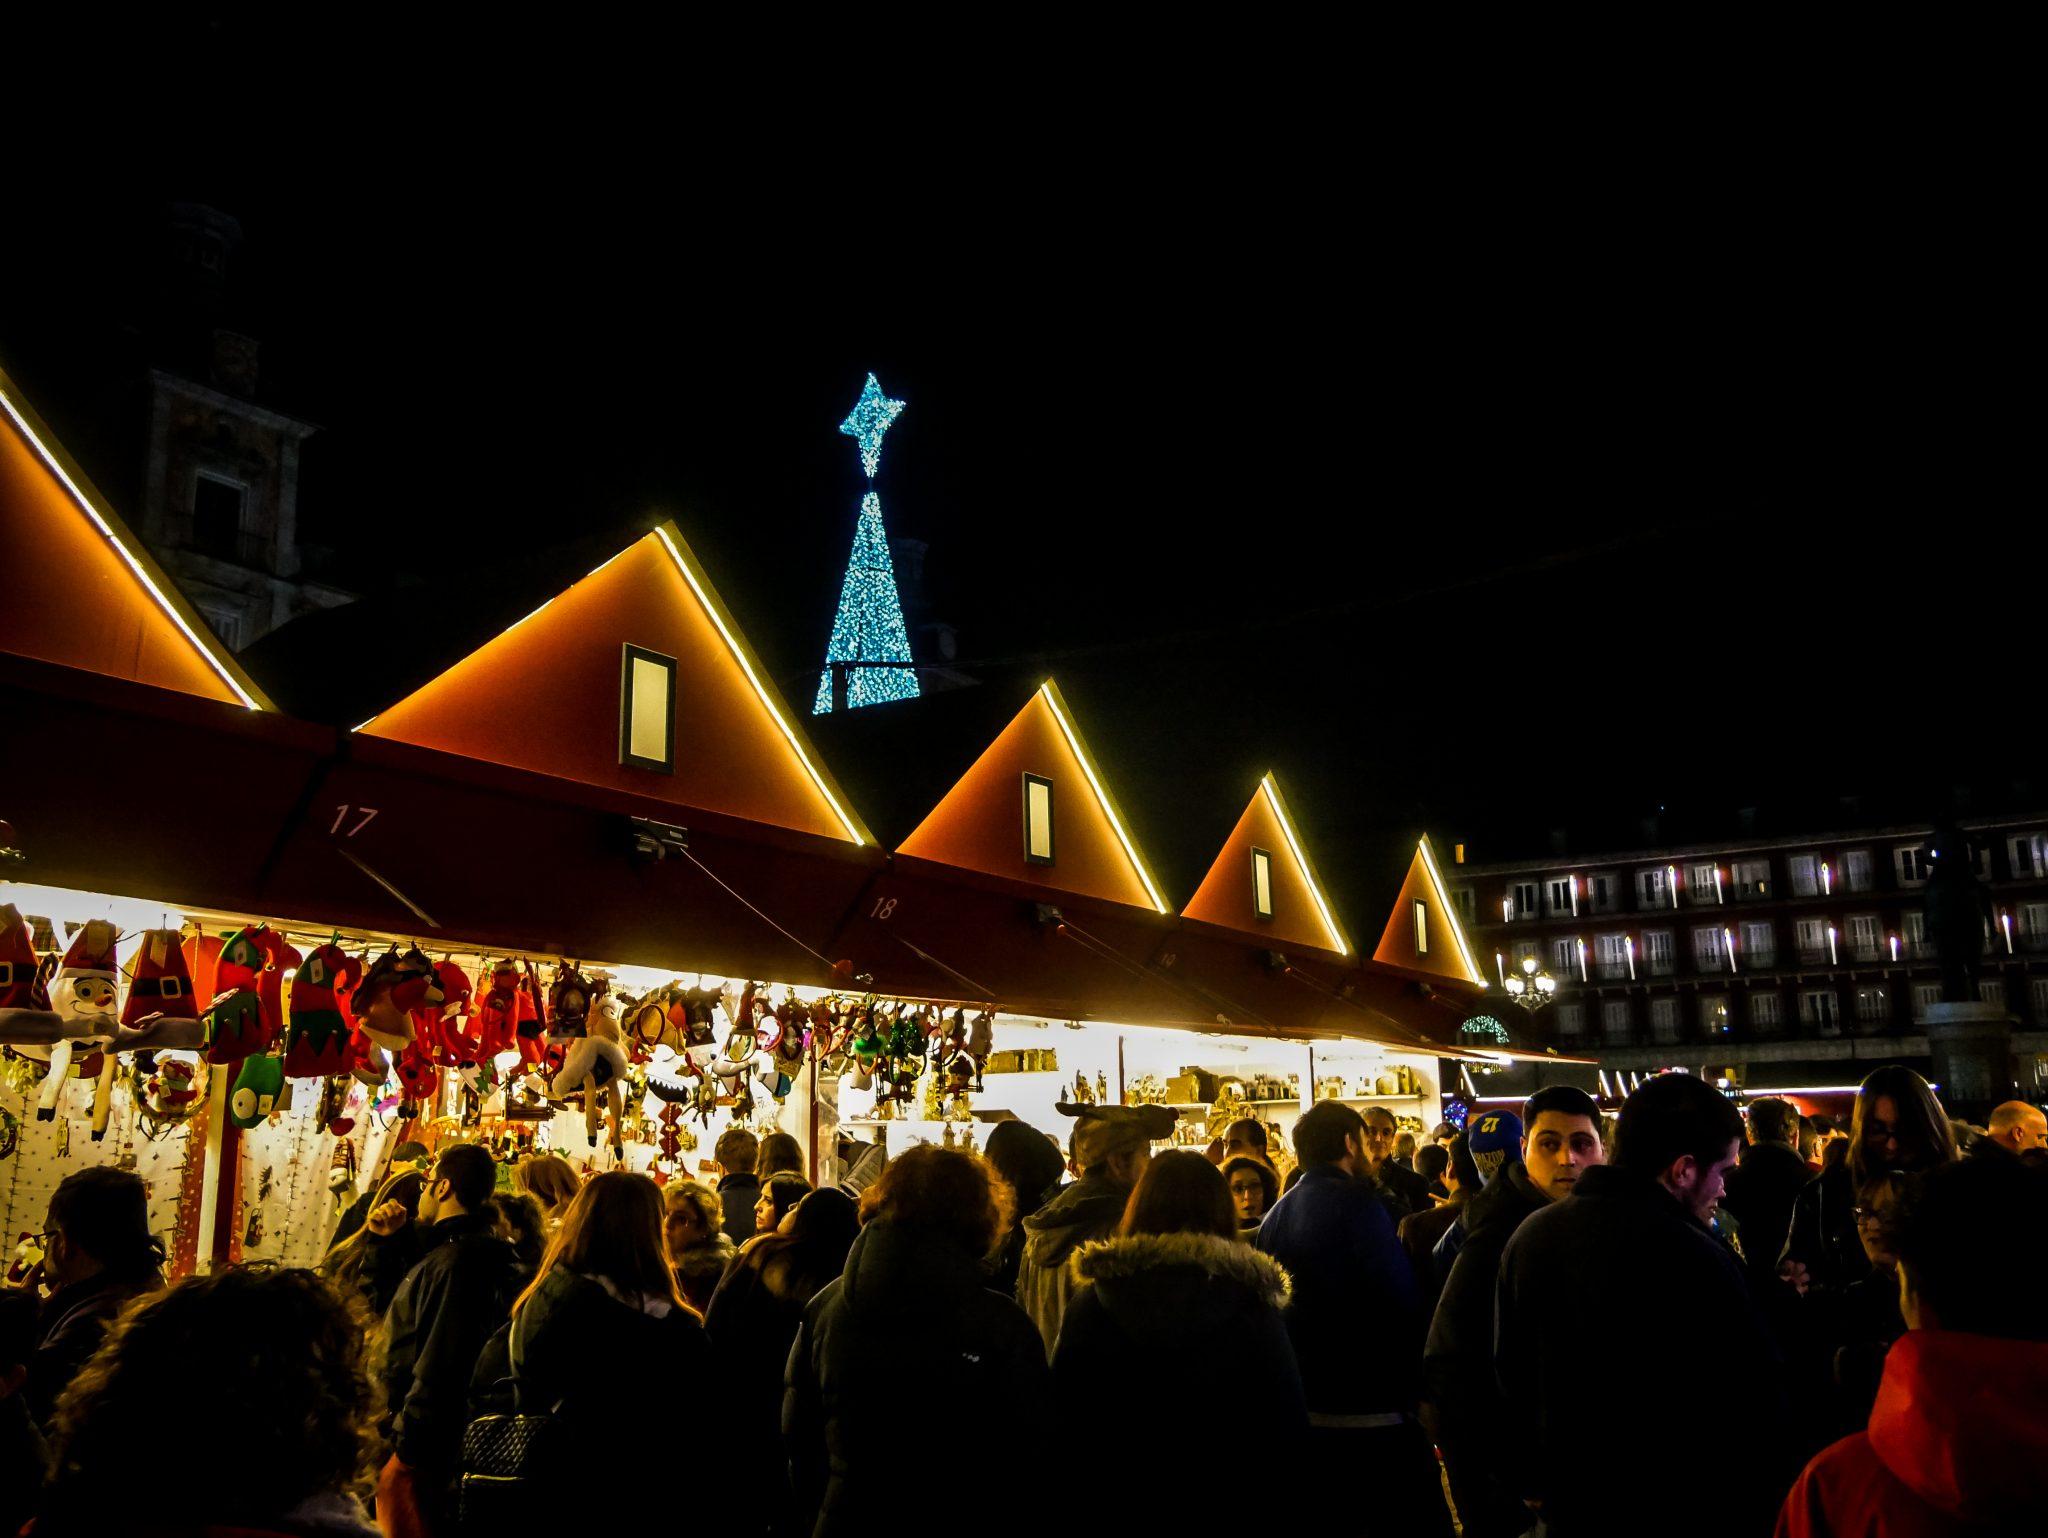 Von dem ganzen Weihnachtsmarkt auf dem Plaza Major aus ist die Spitze des Weihnachtsbaums gut erkennbar.